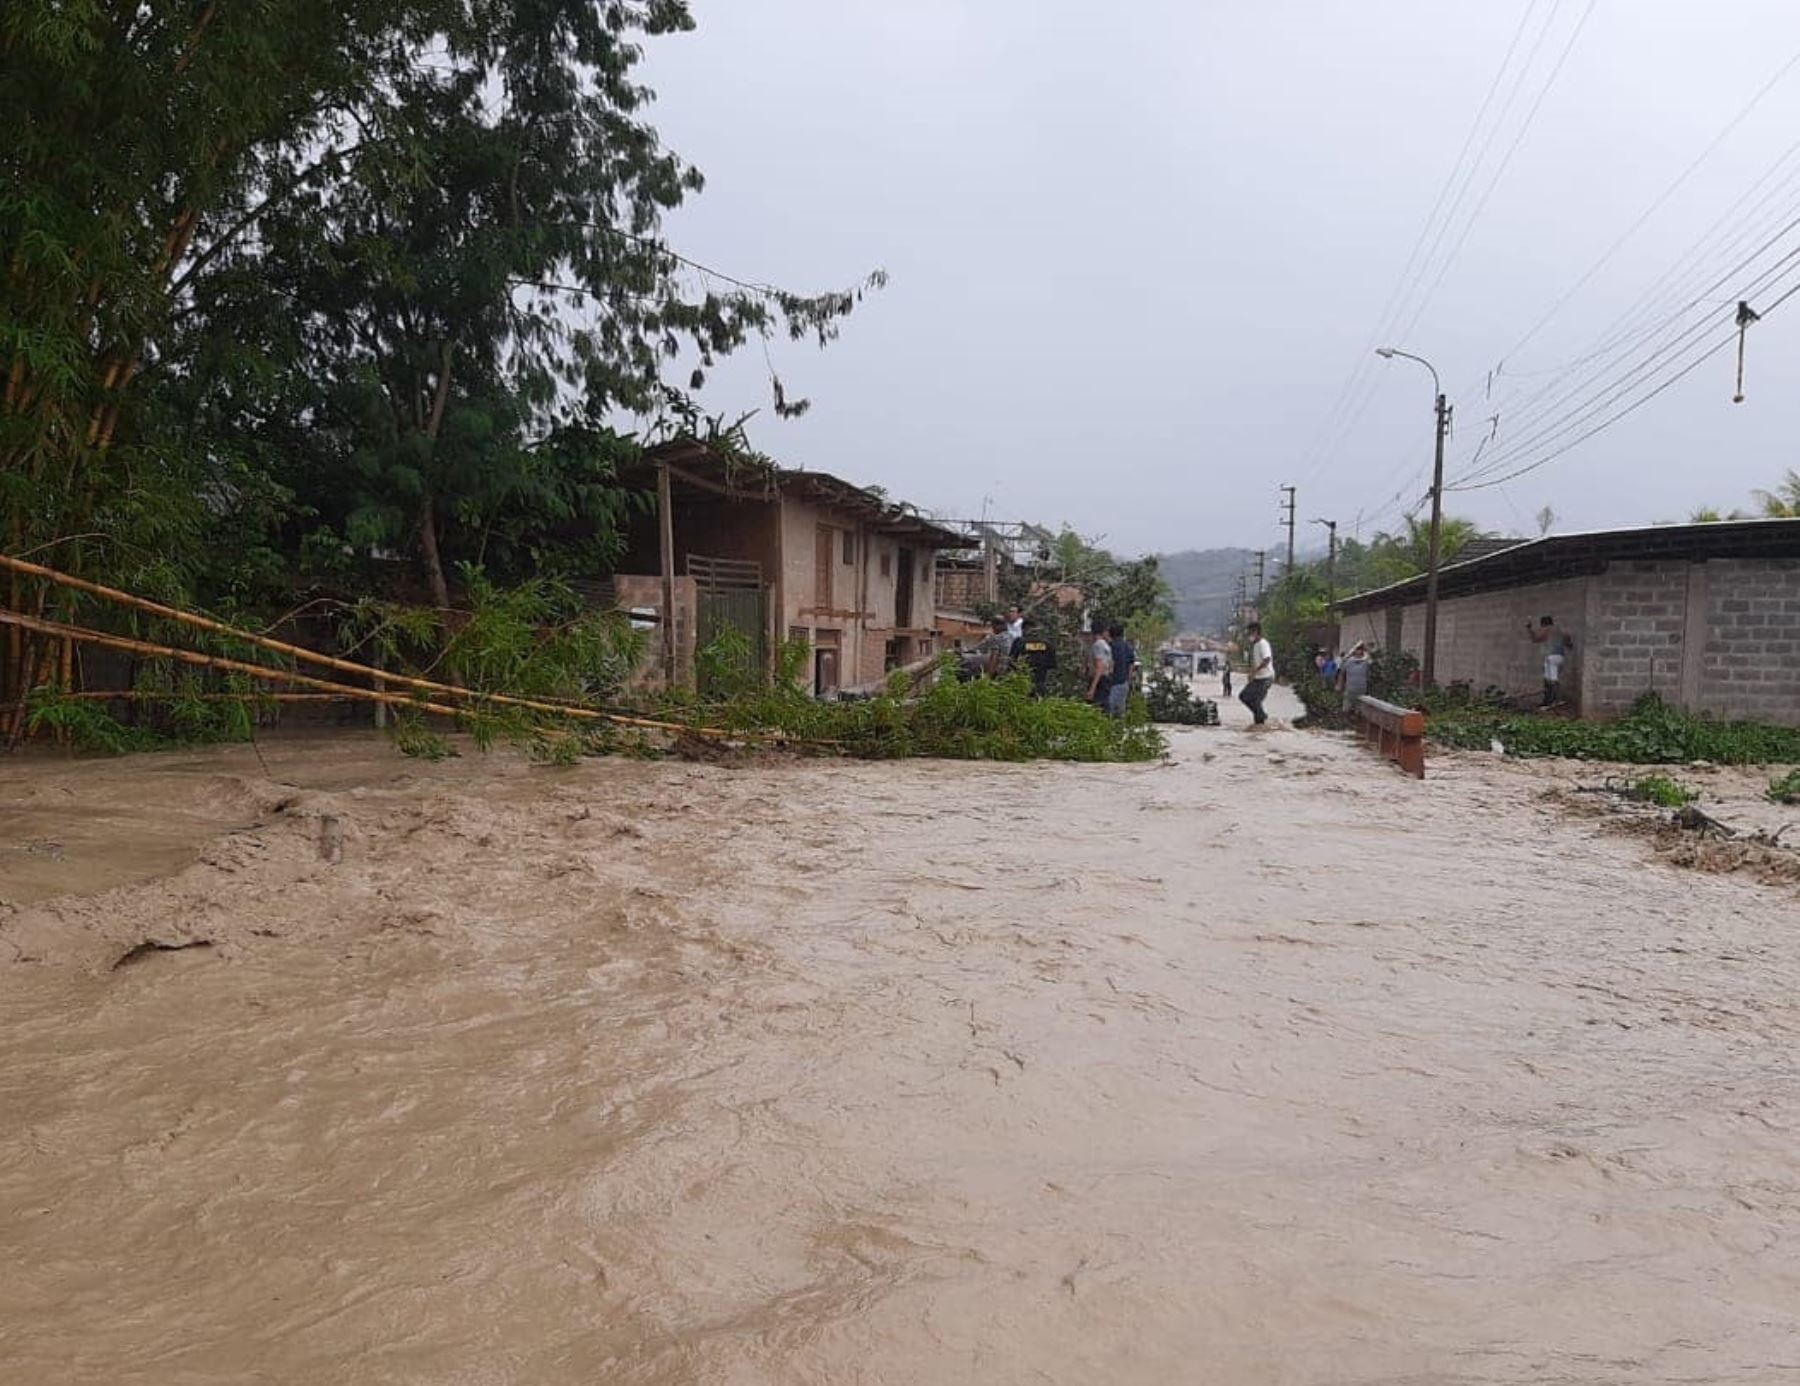 San Martín reportó emergencias por lluvias intensas e inundaciones en diversas provincias. ANDINA/Difusión